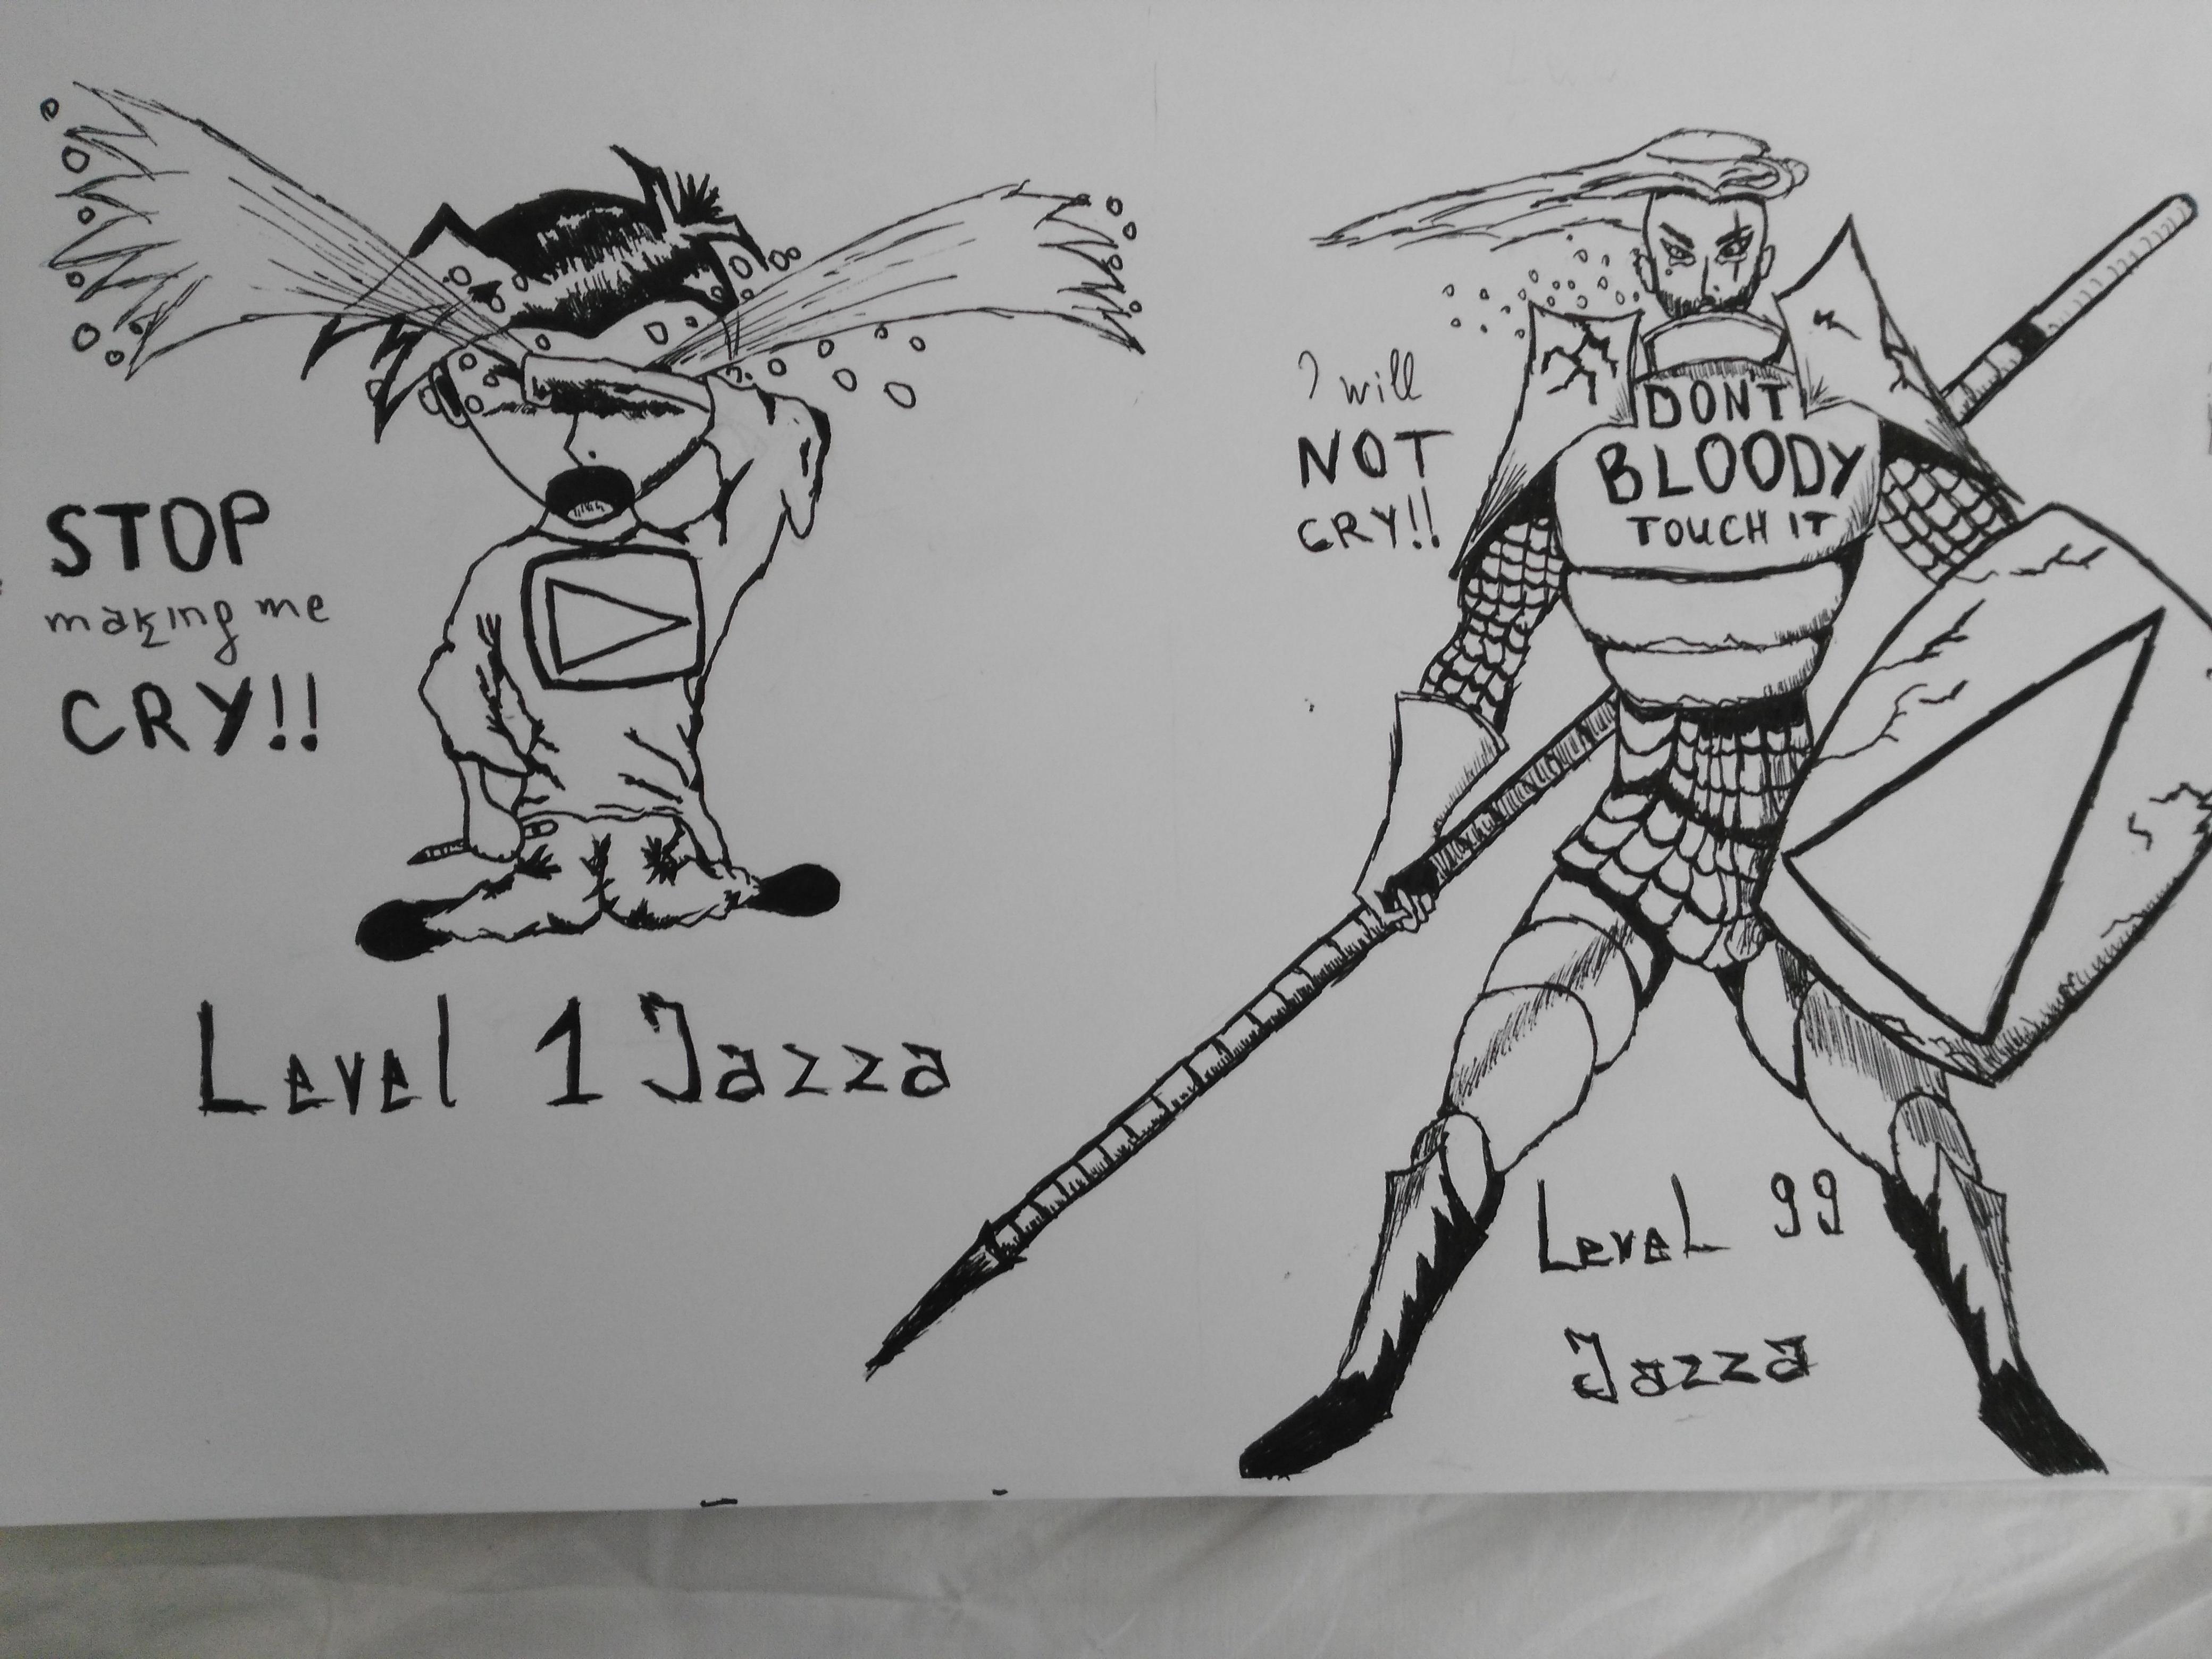 LVL99 Jazza